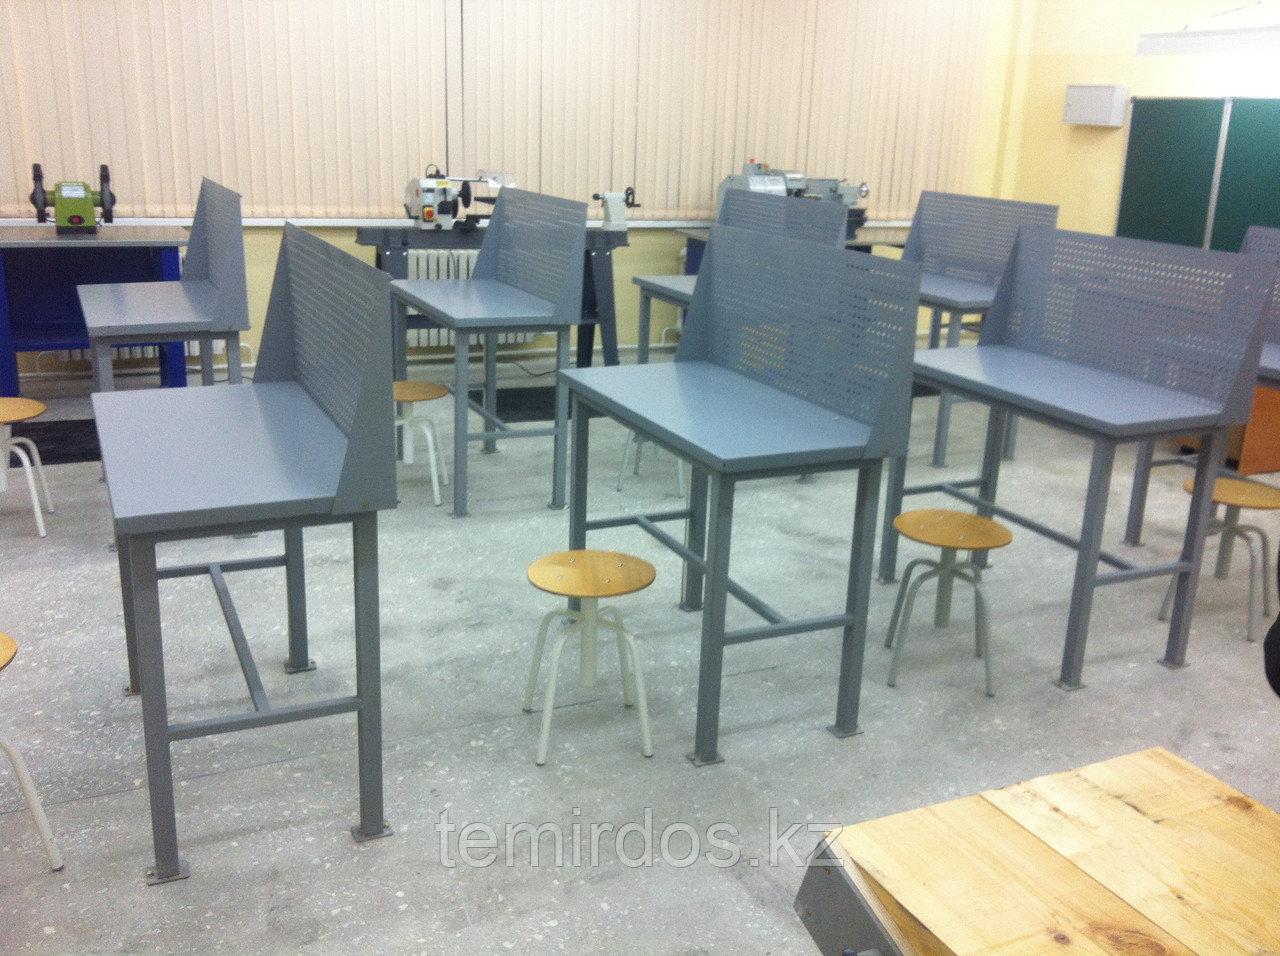 Мебель - столы стулья верстаки